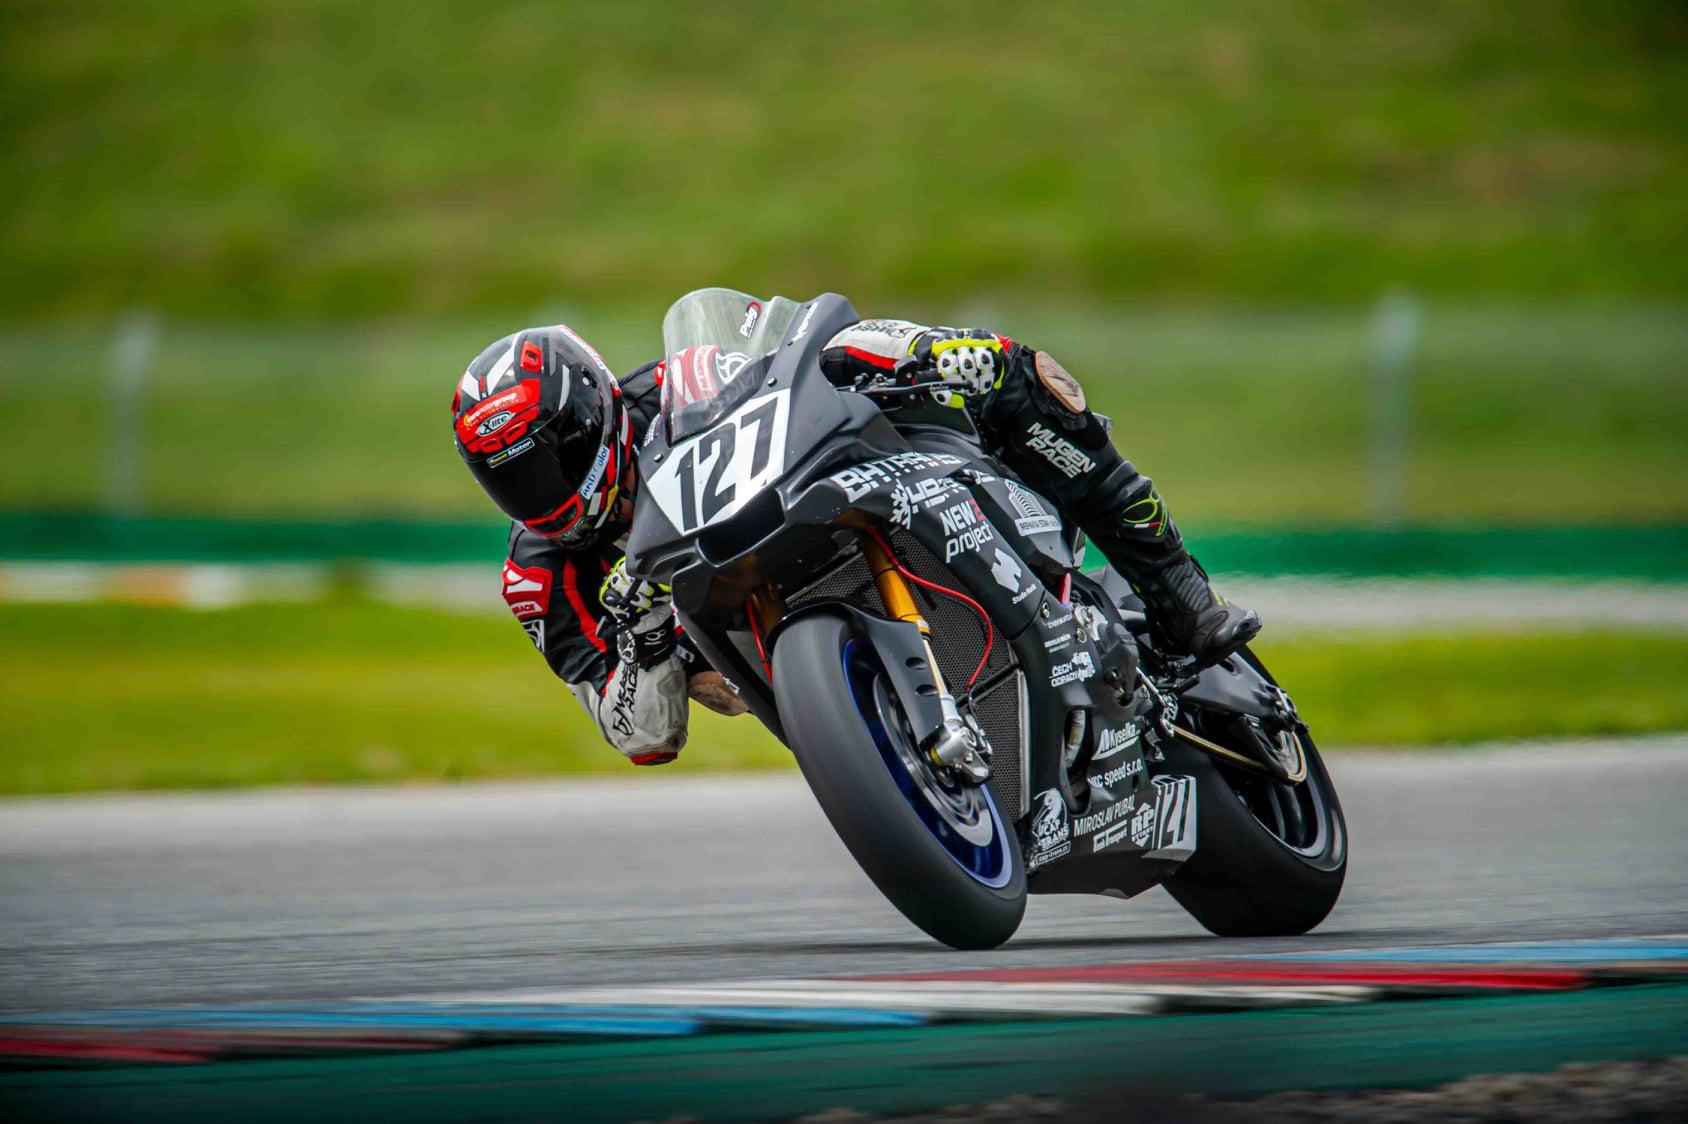 2023-ban újra lesz magyar versenyző az egyik MotoGP-kategóriában?